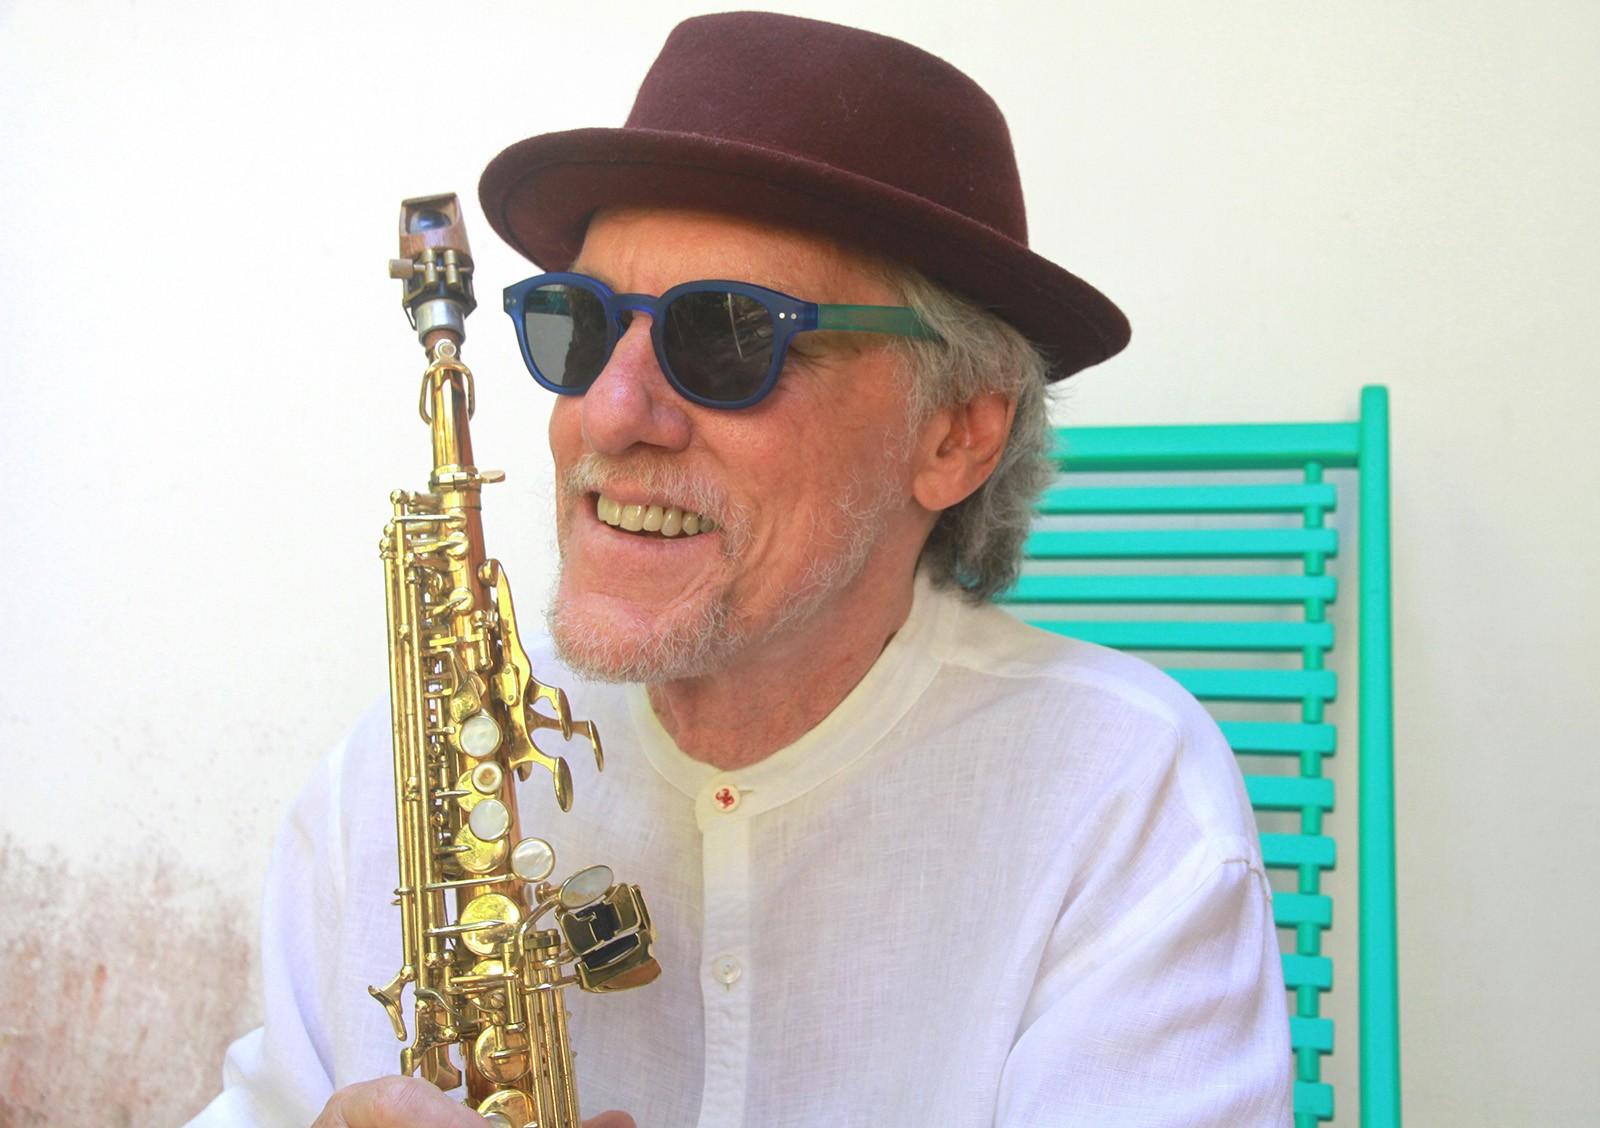 Mauro Senise conserva, no álbum 'Ilusão à toa', o encantamento juvenil de ser tocado pela obra de Johnny Alf